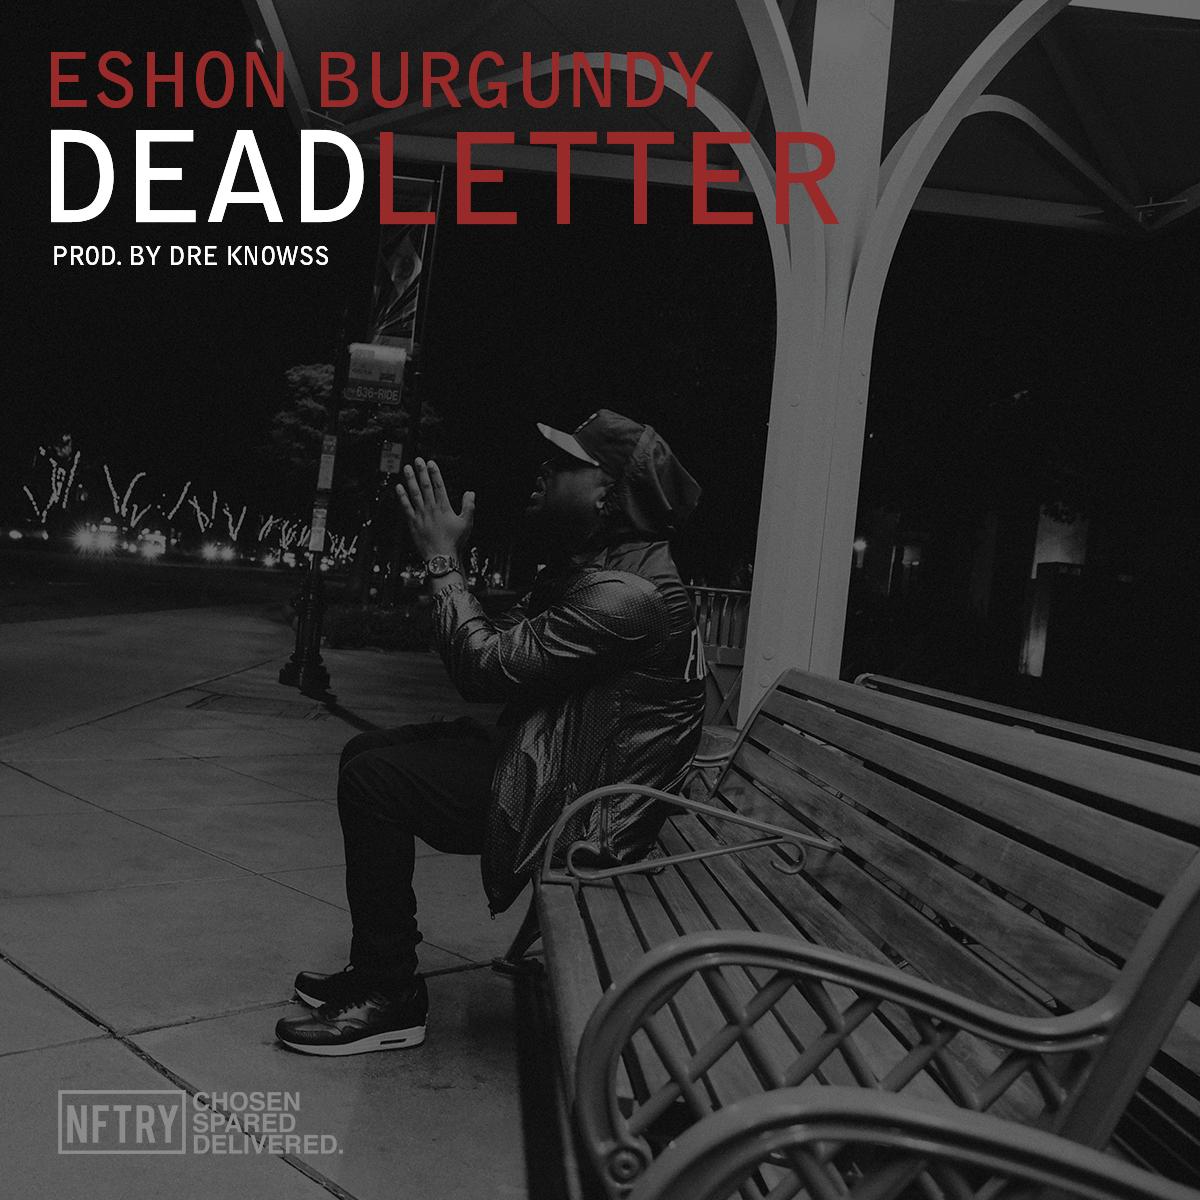 eshon-burgundy-dead-letter-1200